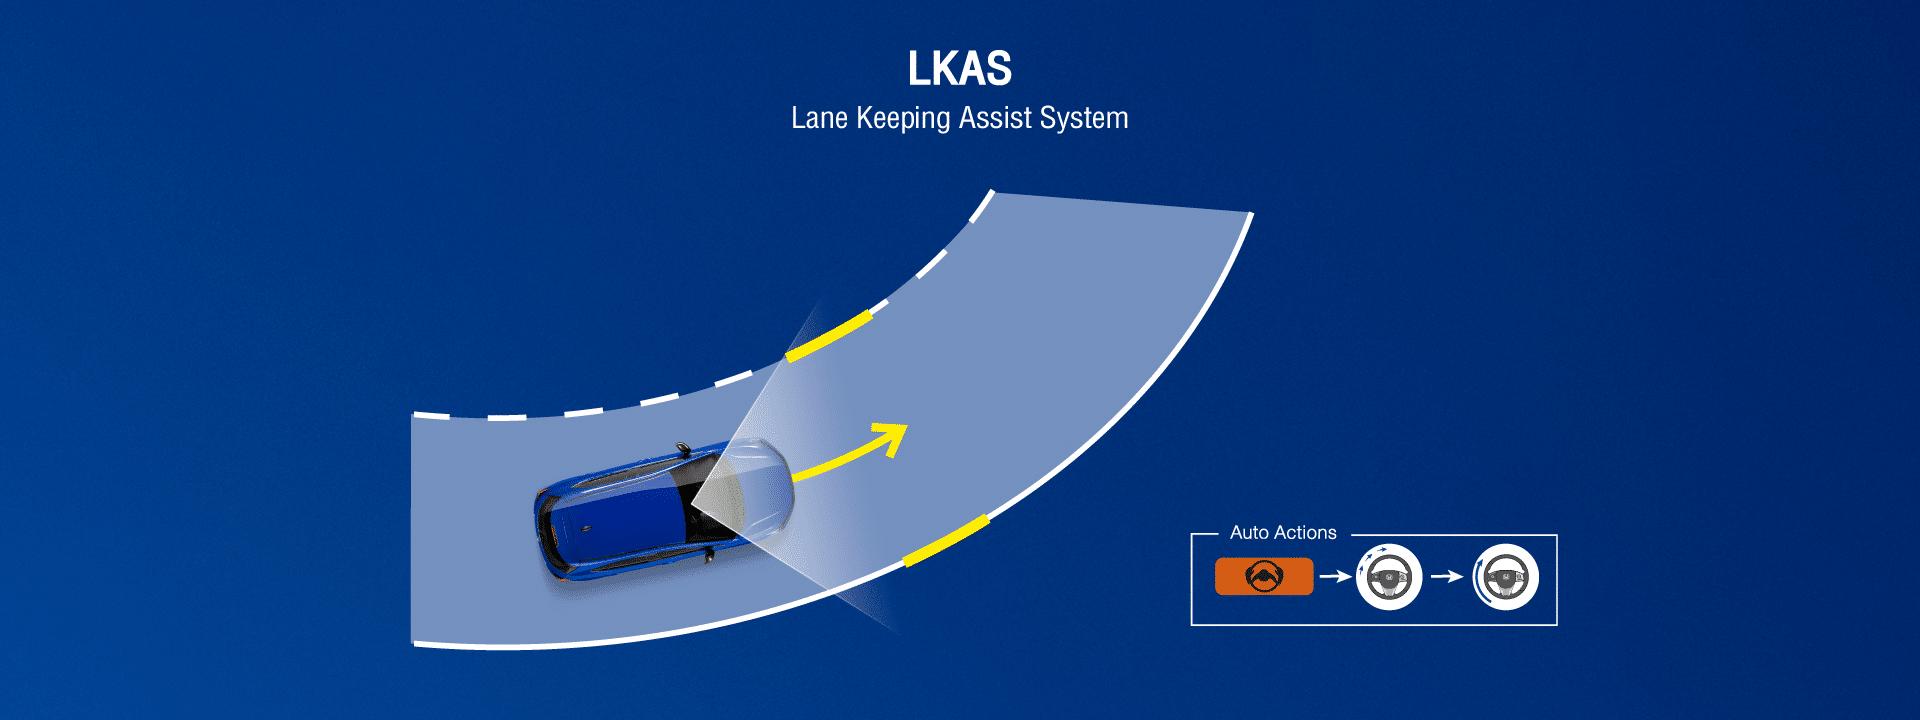 ระบบช่วยควบคุมรถให้อยู่ในช่องทางเดินรถ (Lane Keeping Assist System: LKAS)